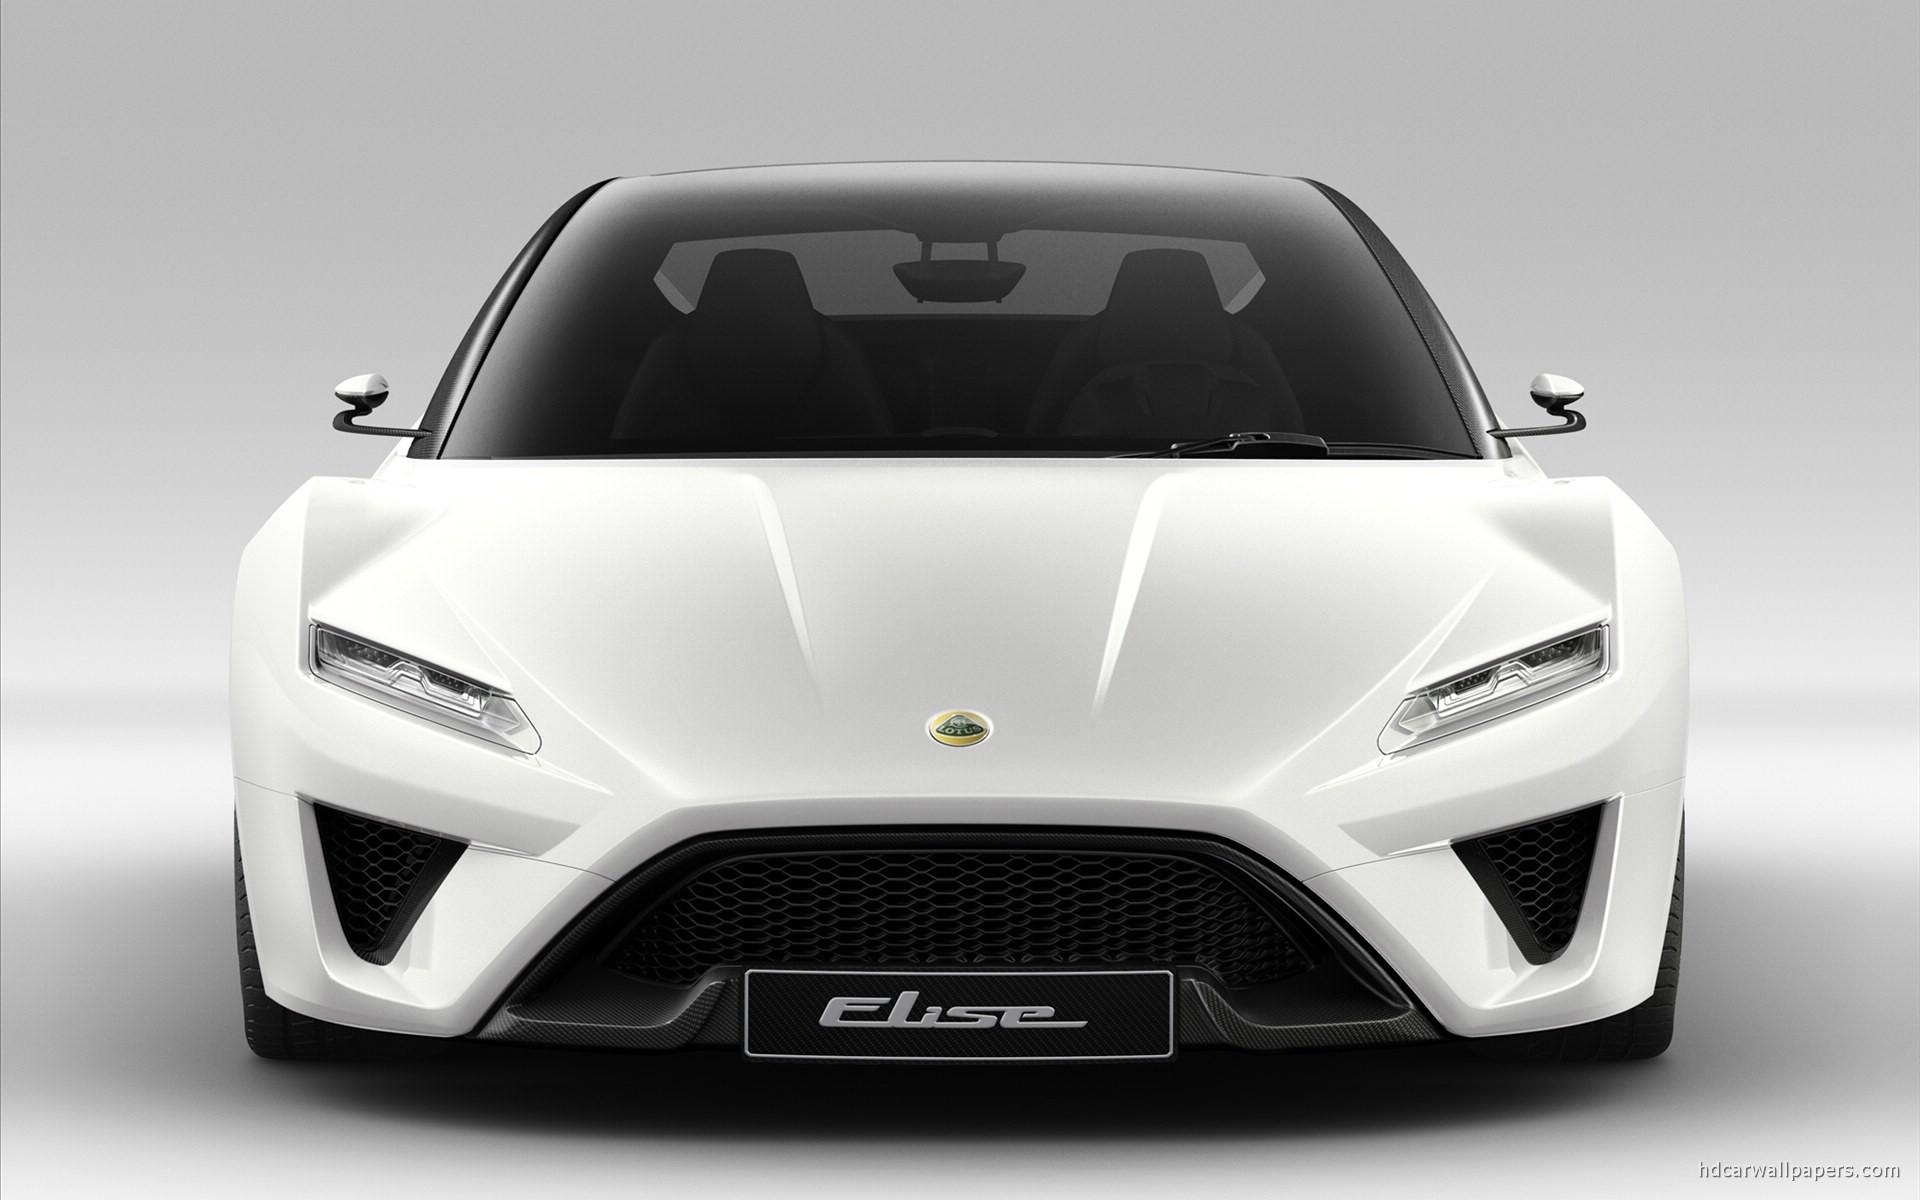 2015 Lotus Elise Concept